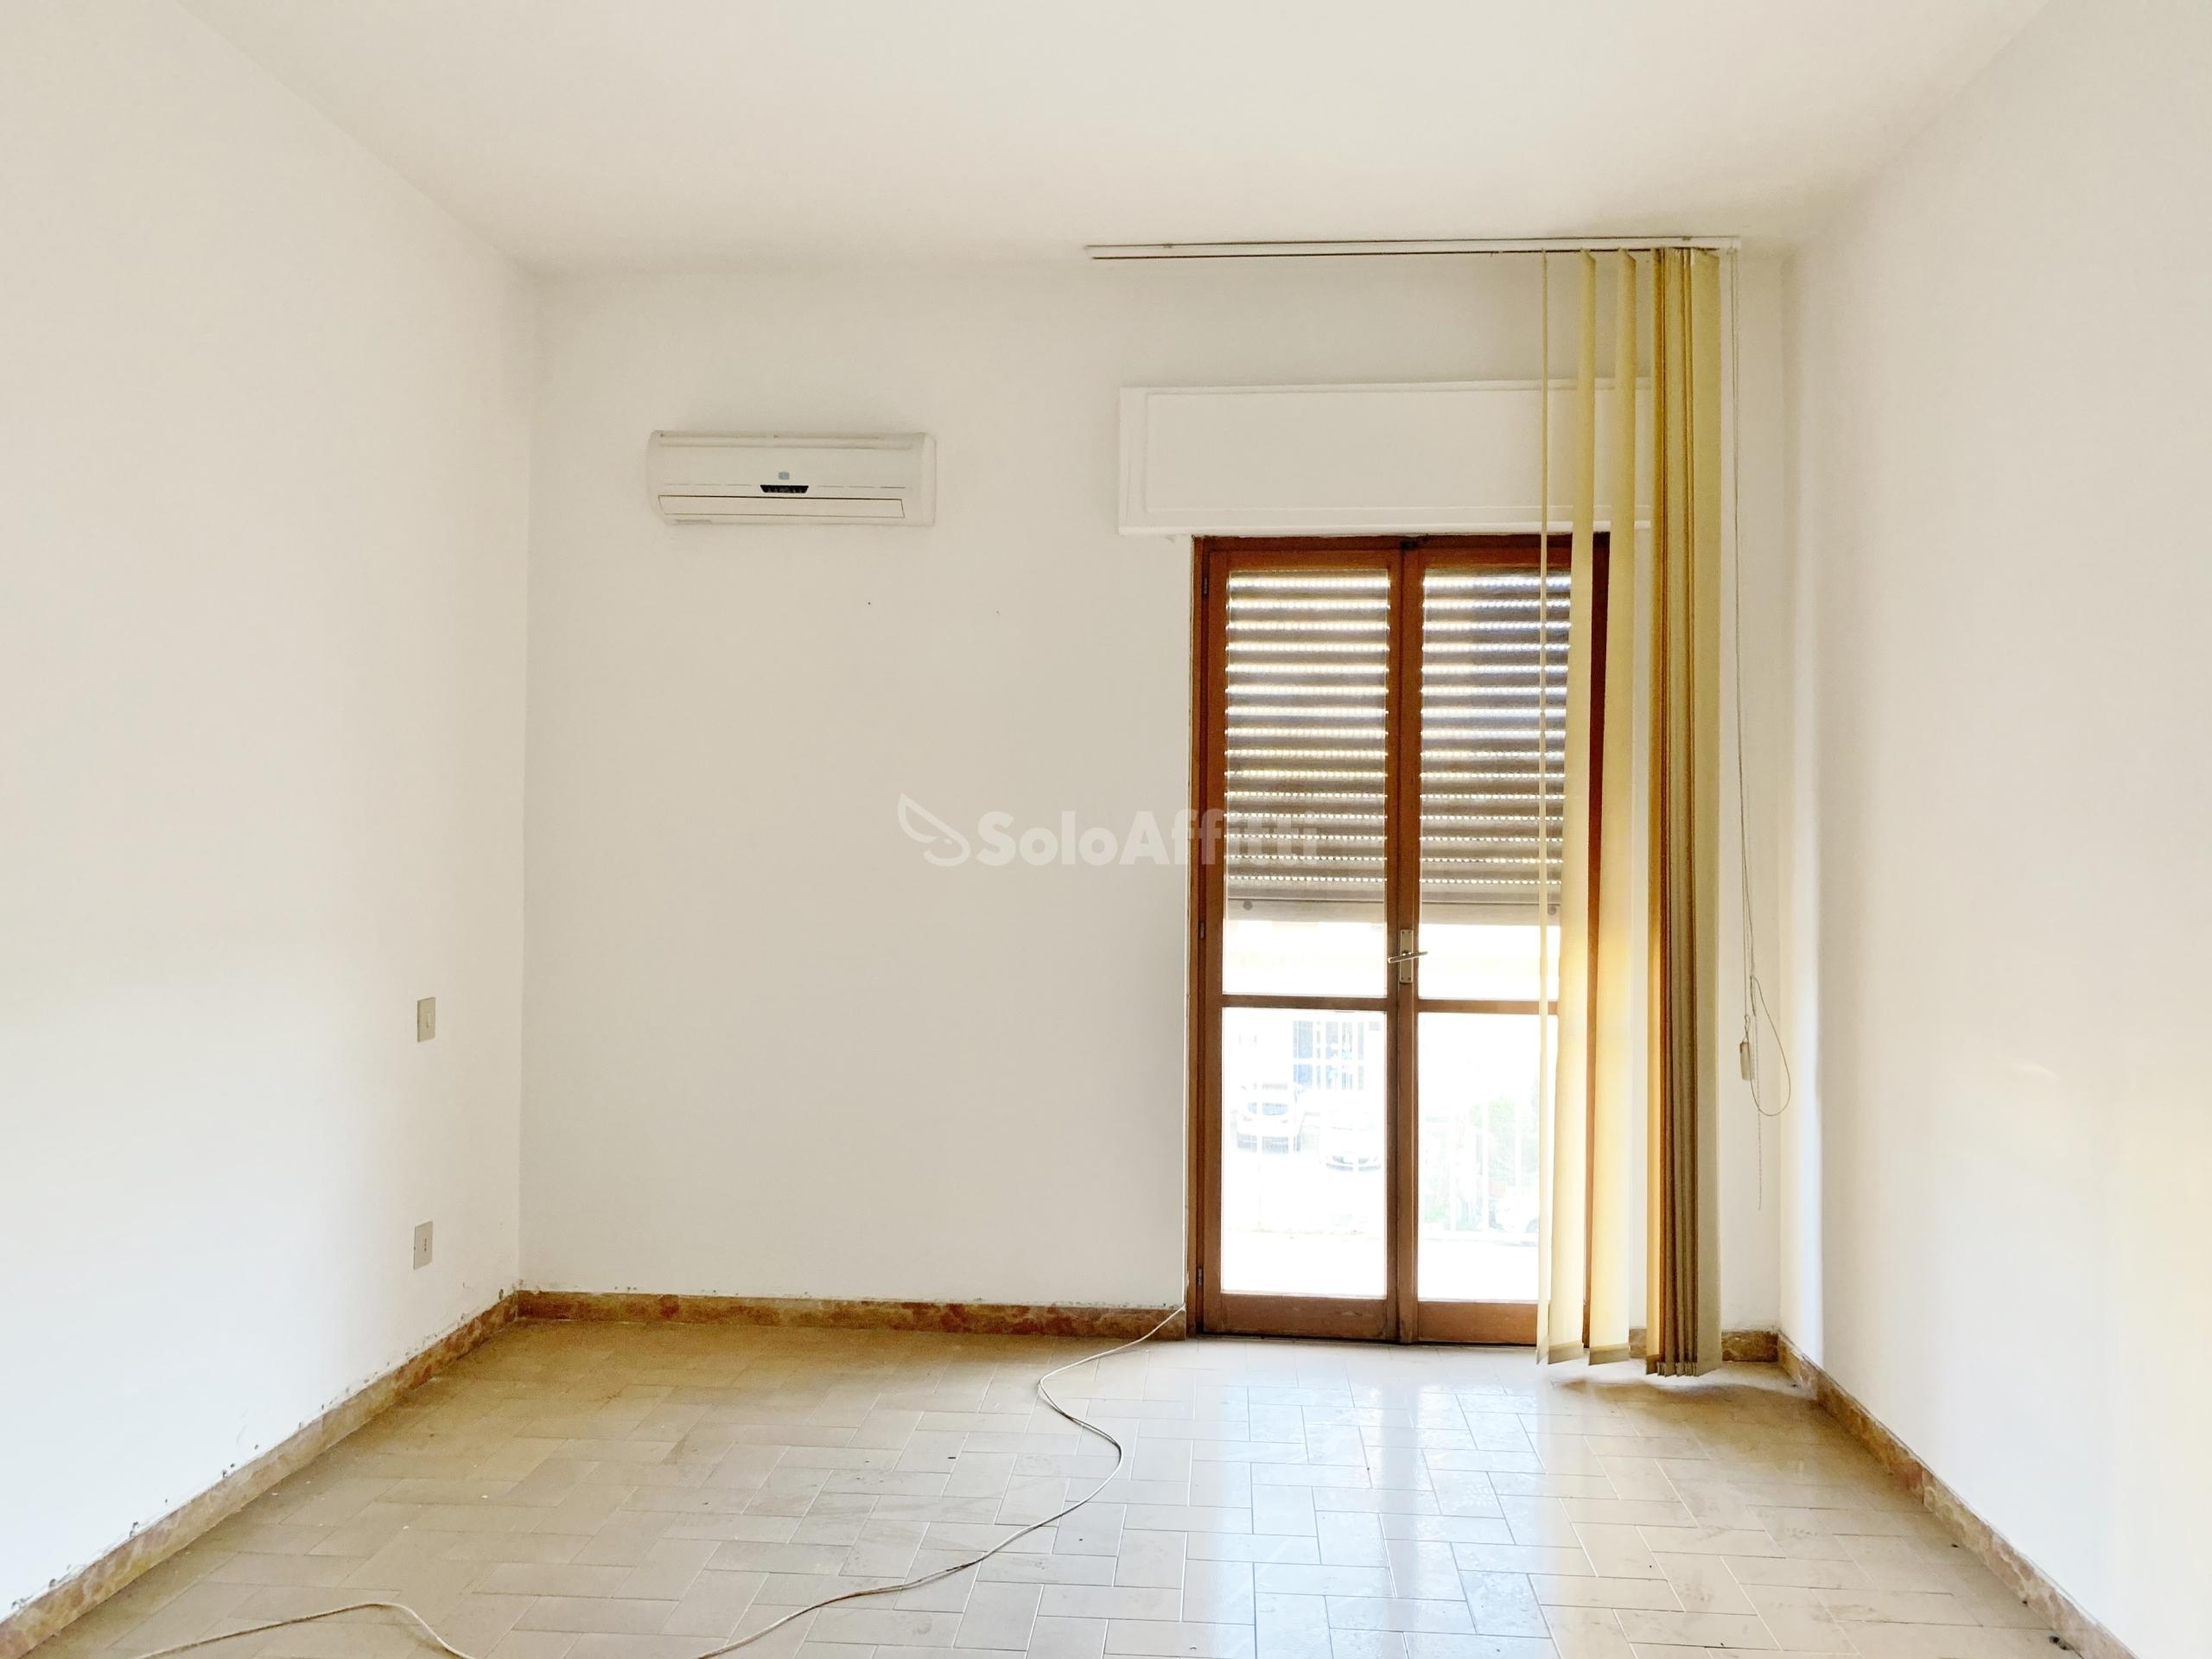 Appartamento Quadrilocale 140 mq.